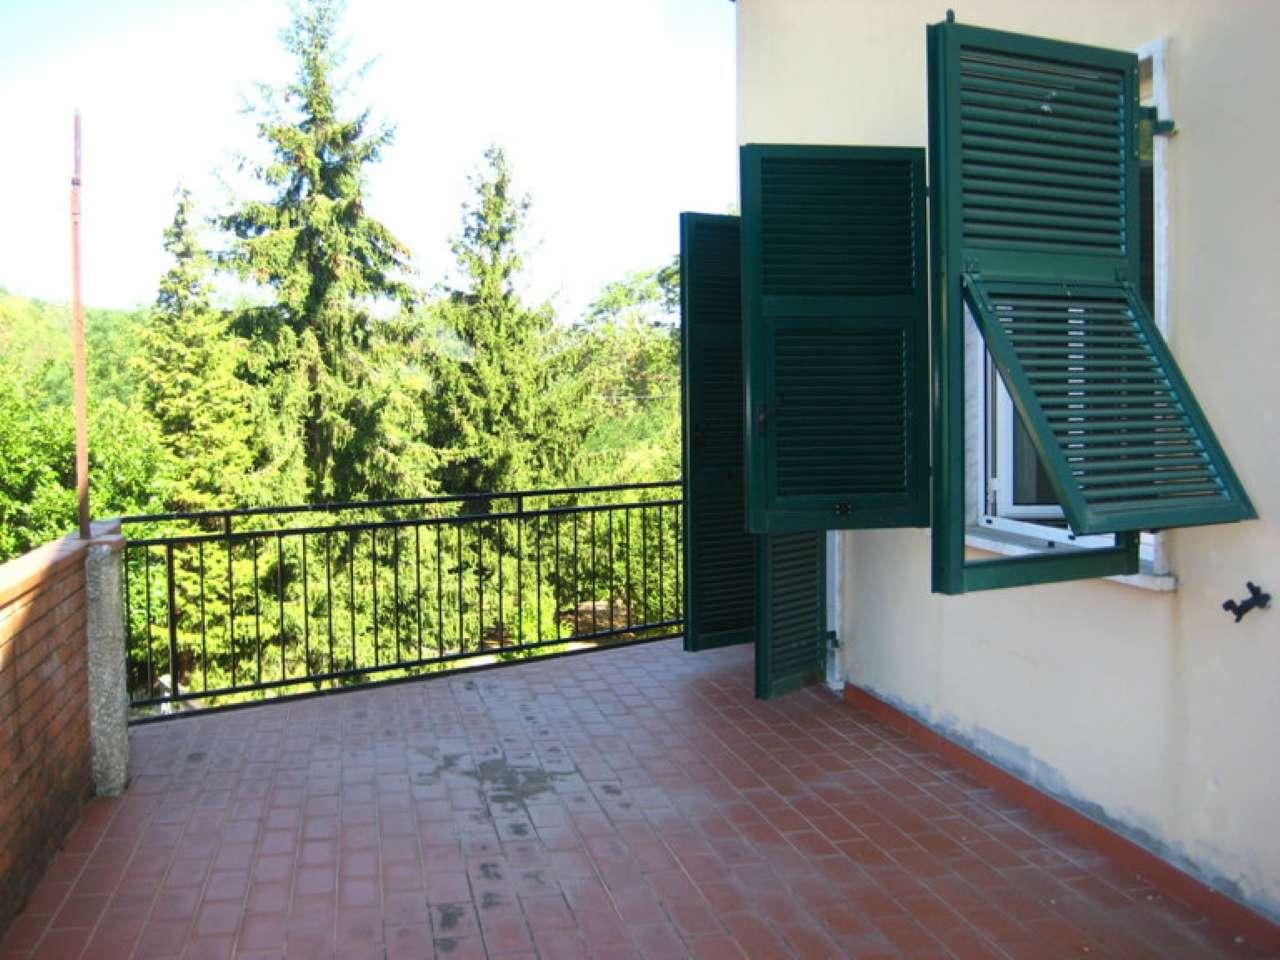 Appartamento in vendita a Riccò del Golfo di Spezia, 4 locali, prezzo € 90.000 | CambioCasa.it